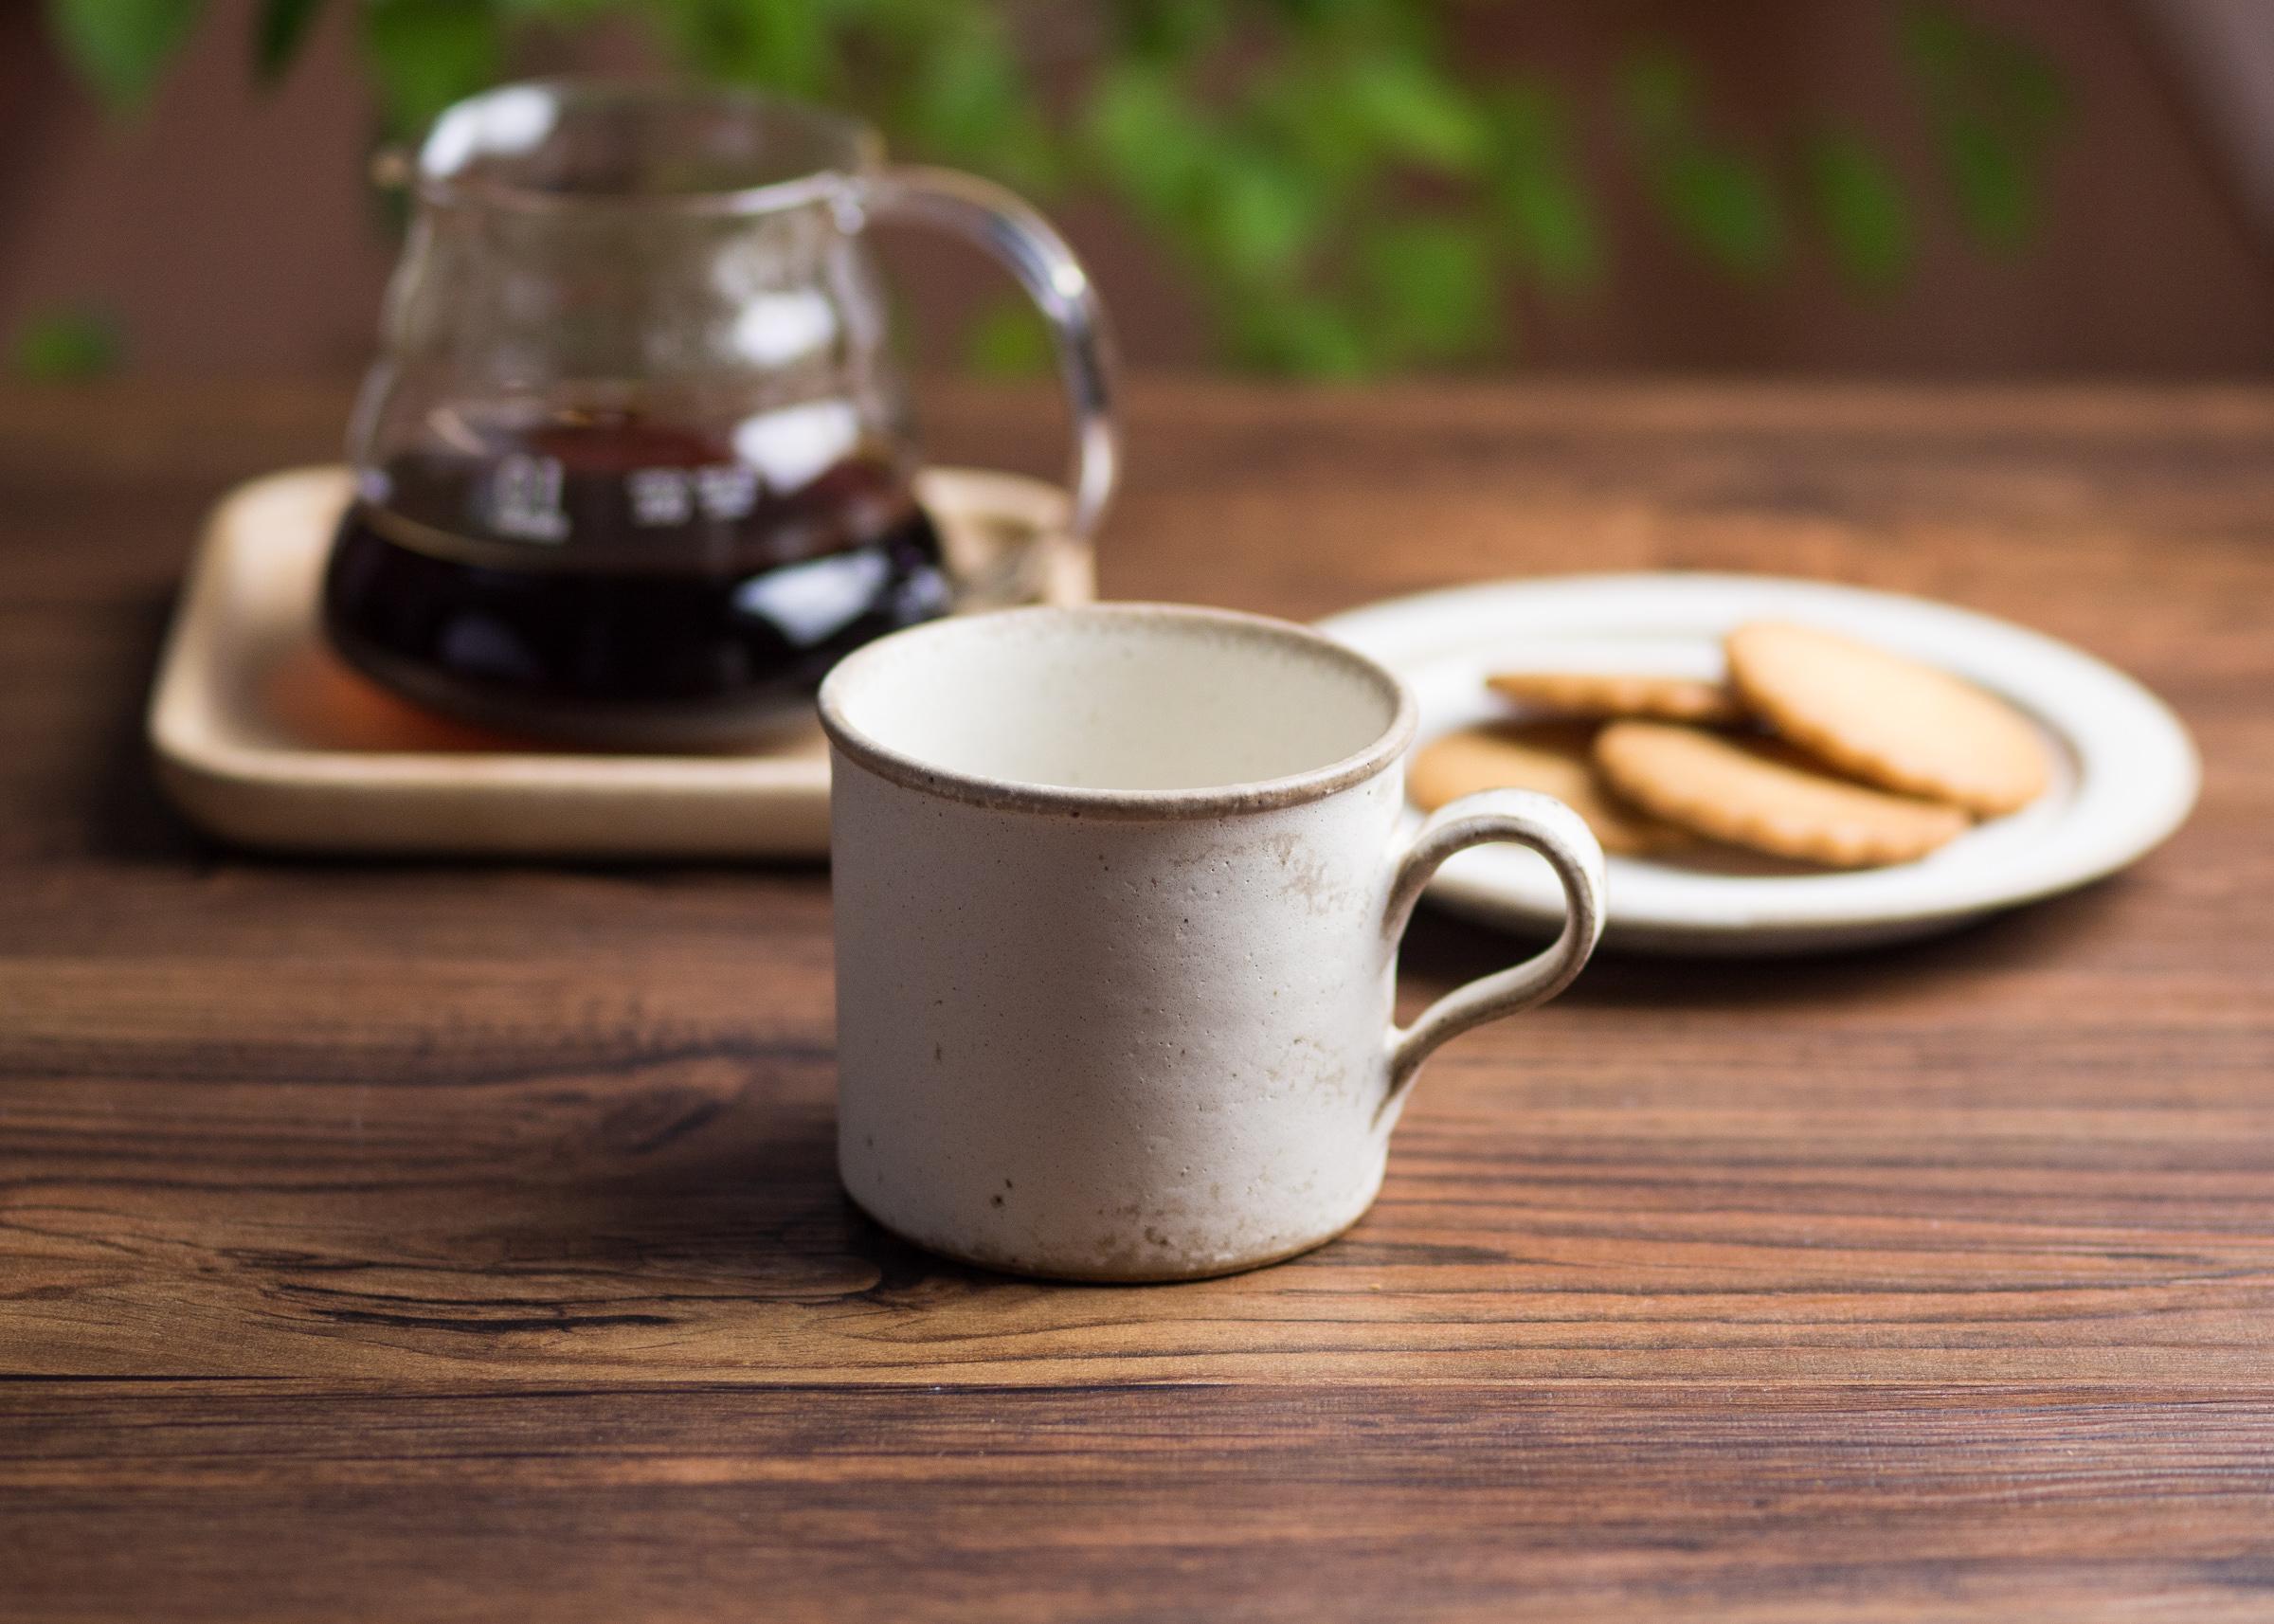 しっとりマットな白がカワイイ!コーヒーカップ。まるでシュガーコーティングのお菓子みたい!